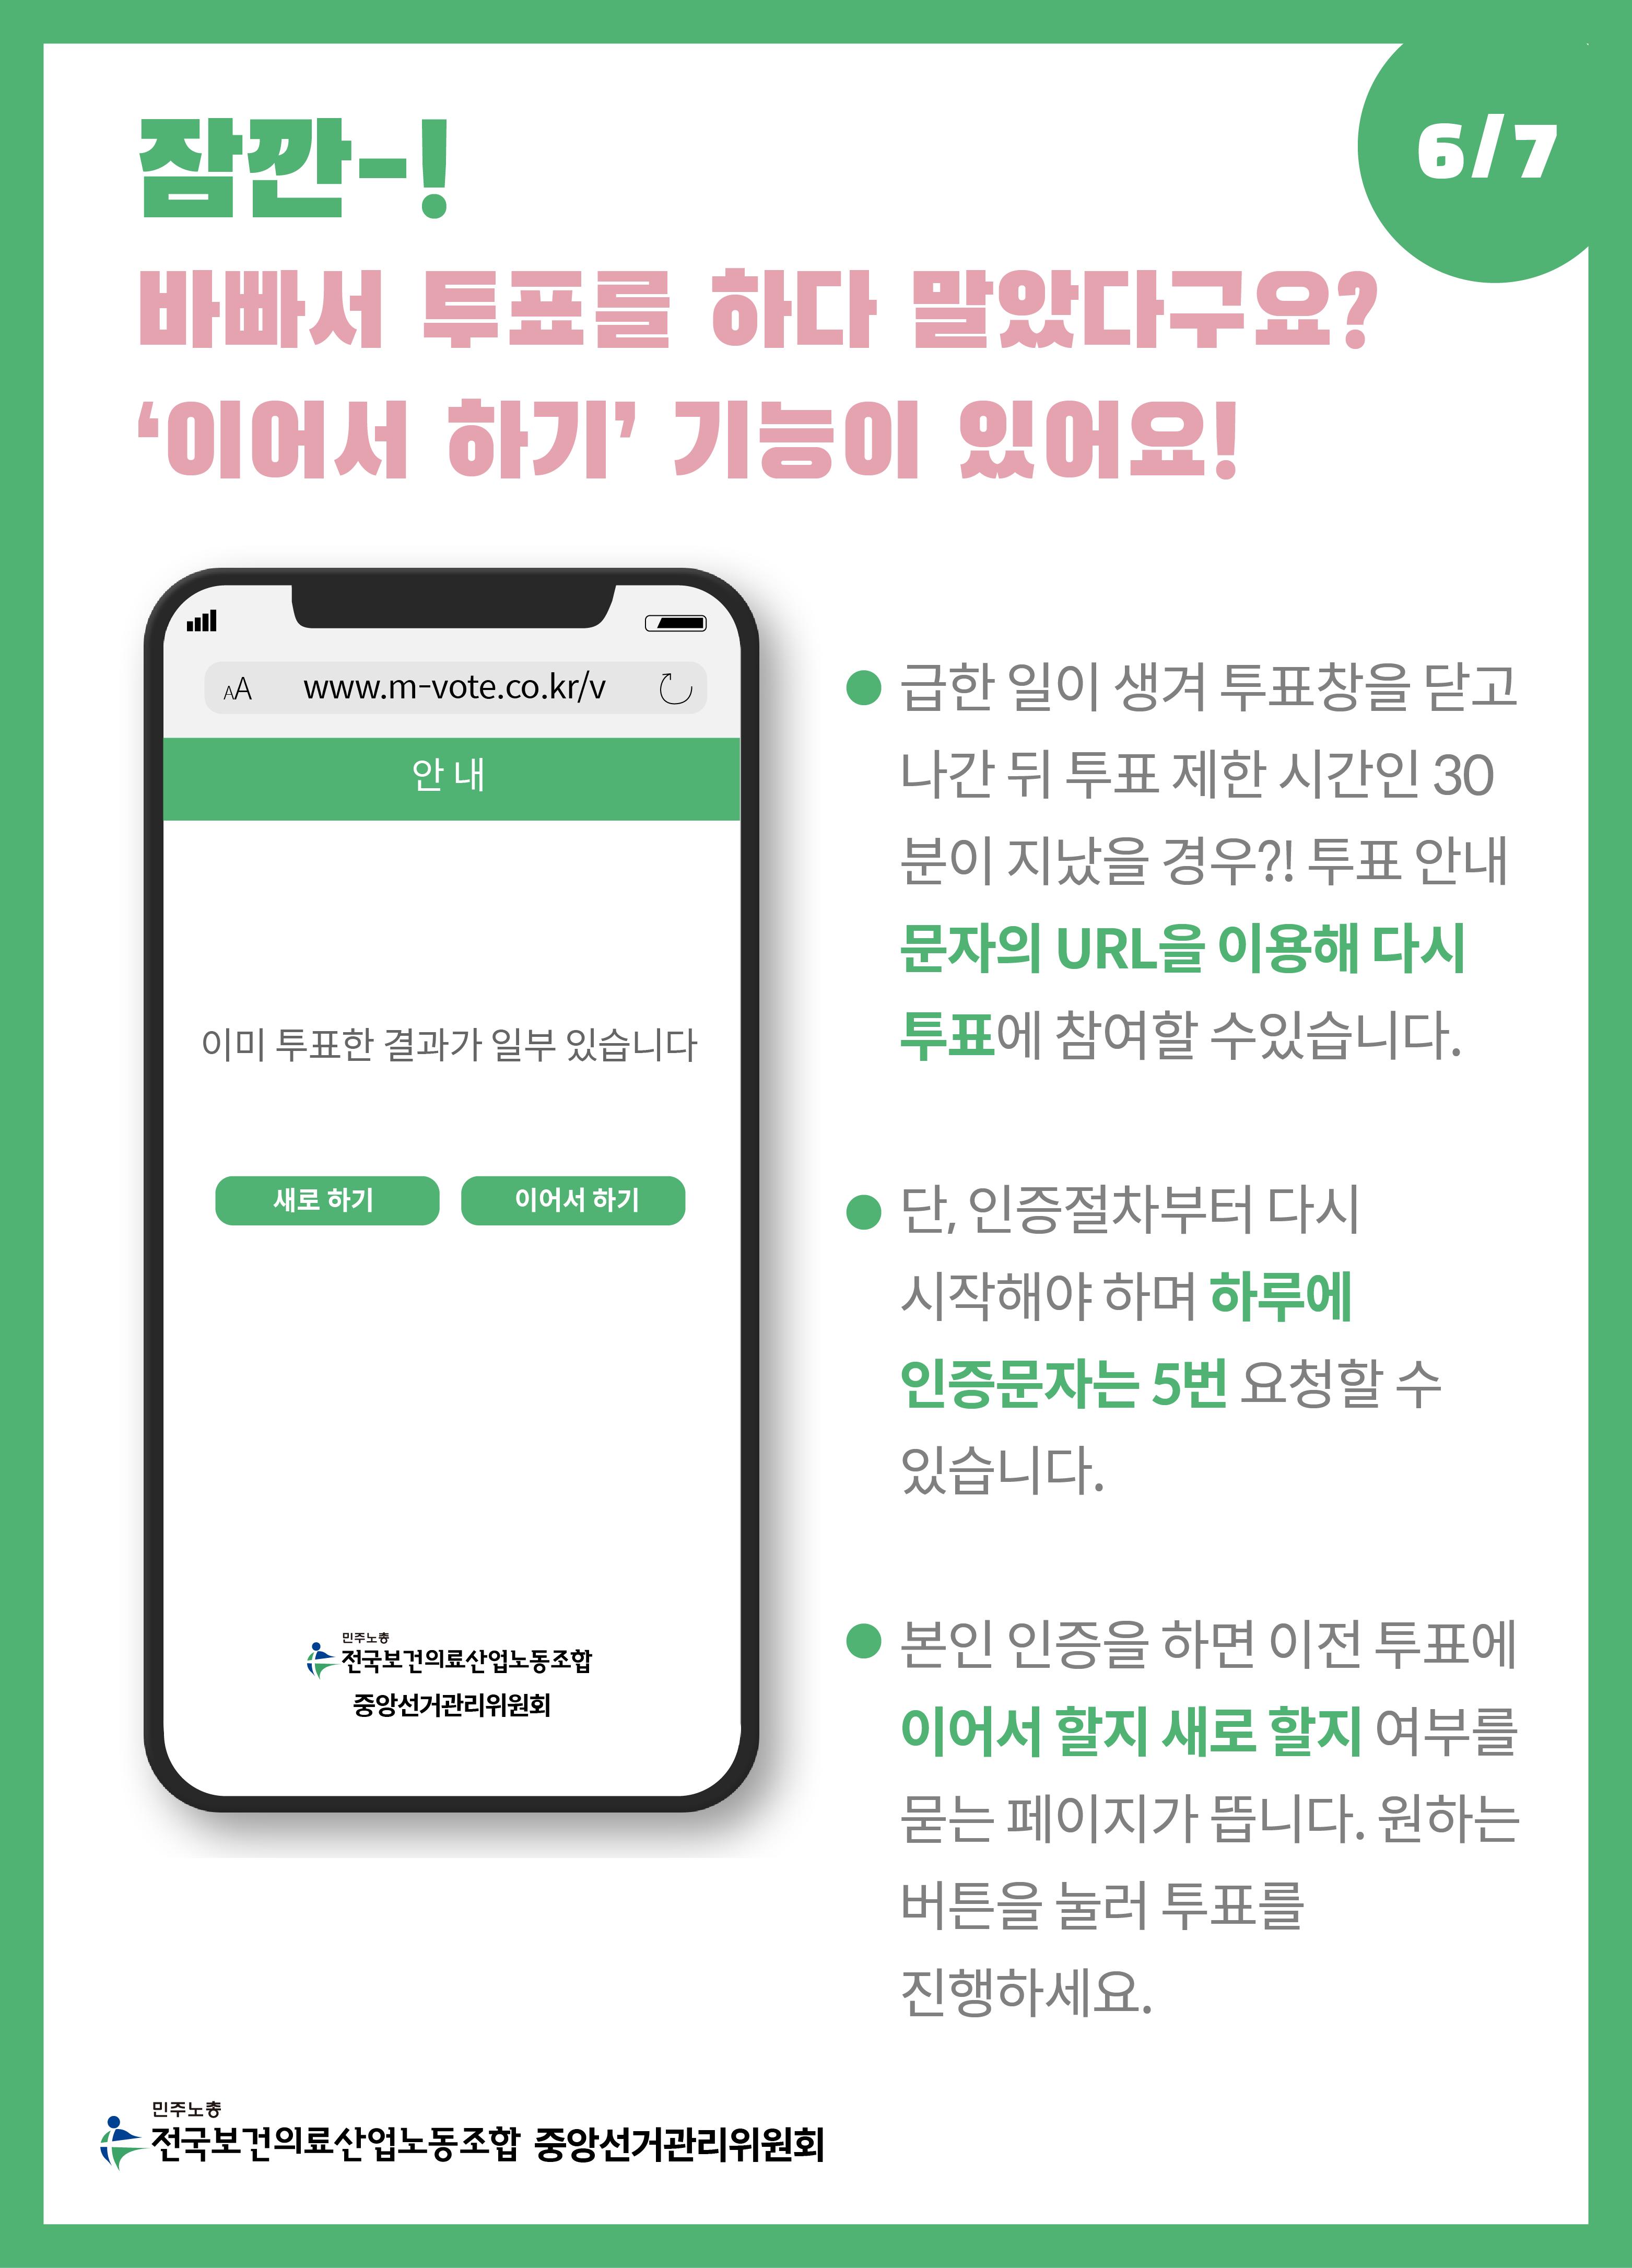 모바일투표 카드뉴스_대지 1 사본 5.png